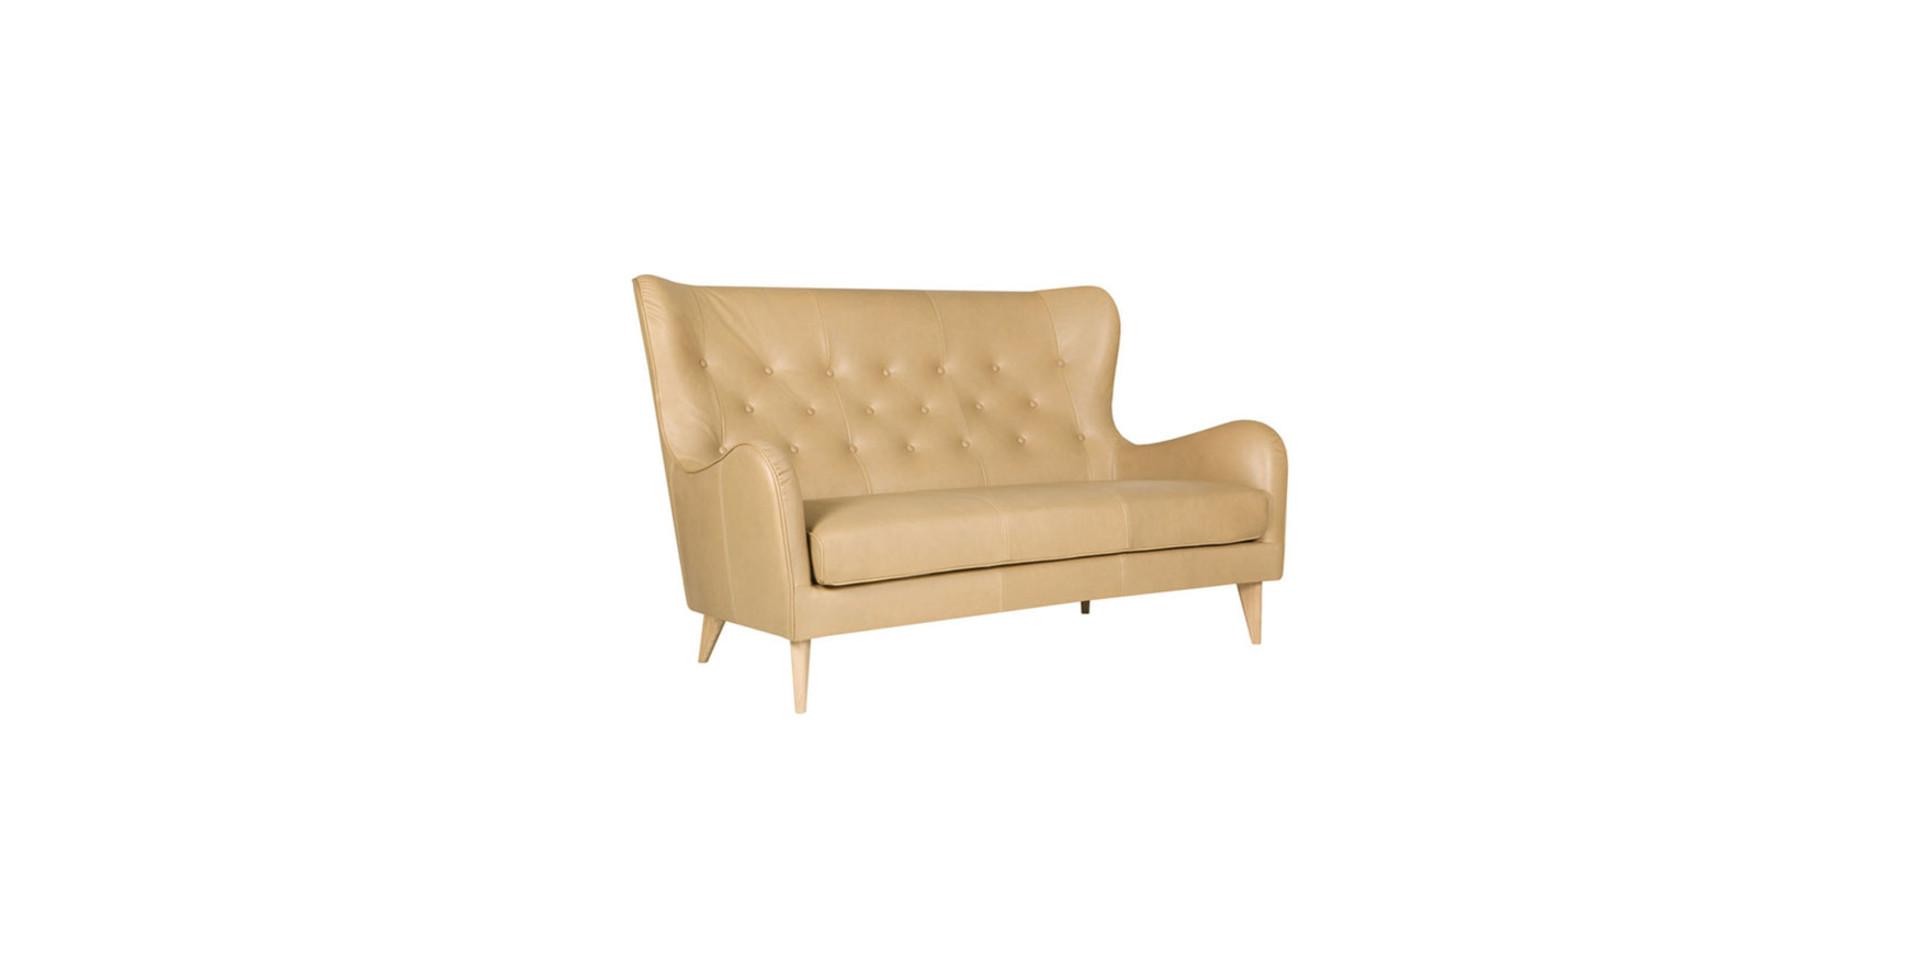 sits-pola-canape-2,5seater_aniline_sabbia_2_0_0